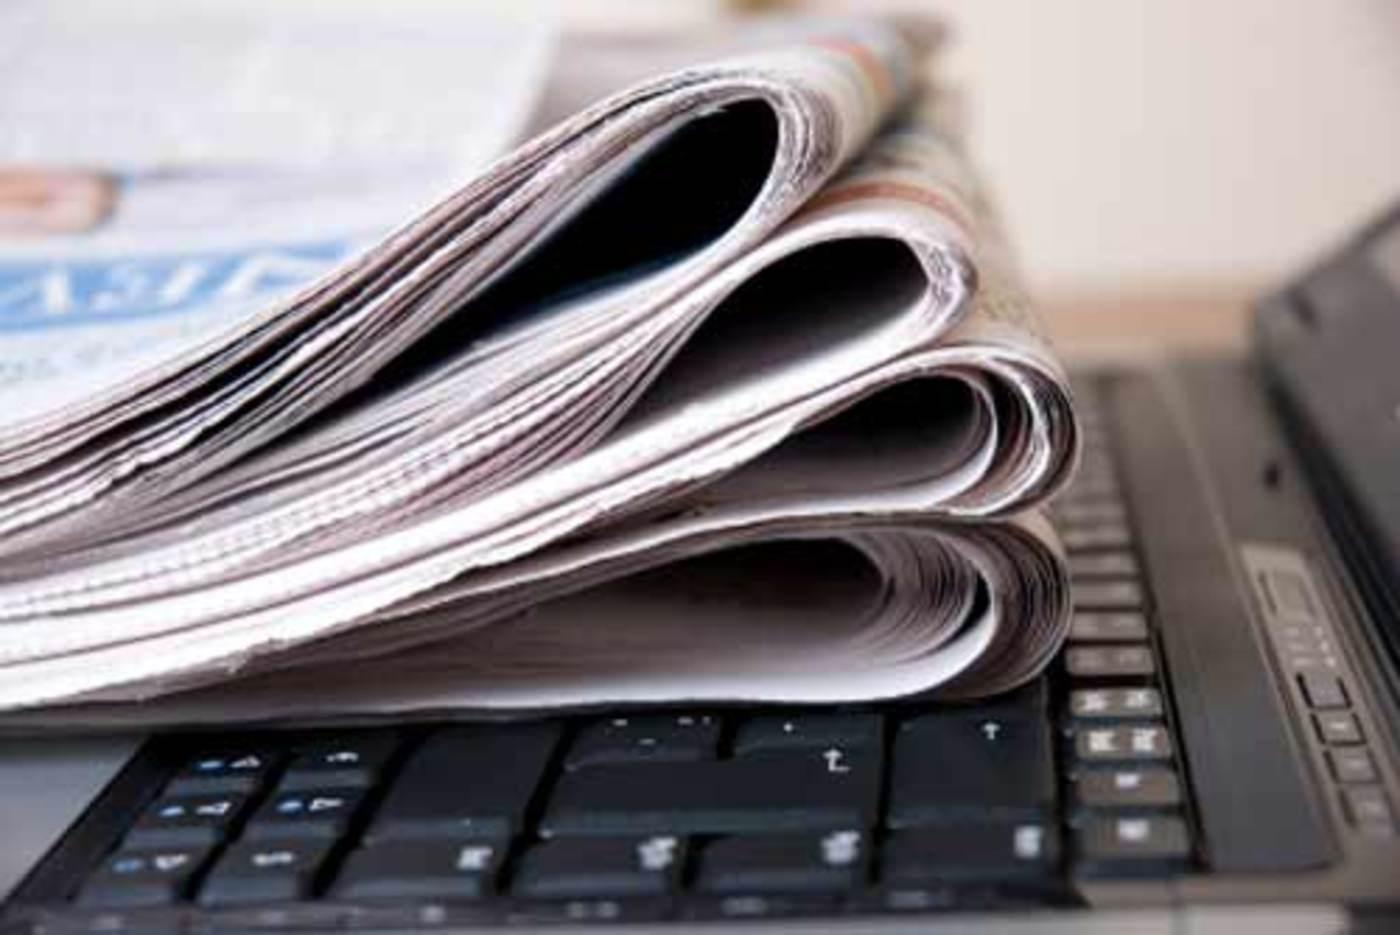 内容转型、盈利模式是传统媒体转型路上的两只拦路虎